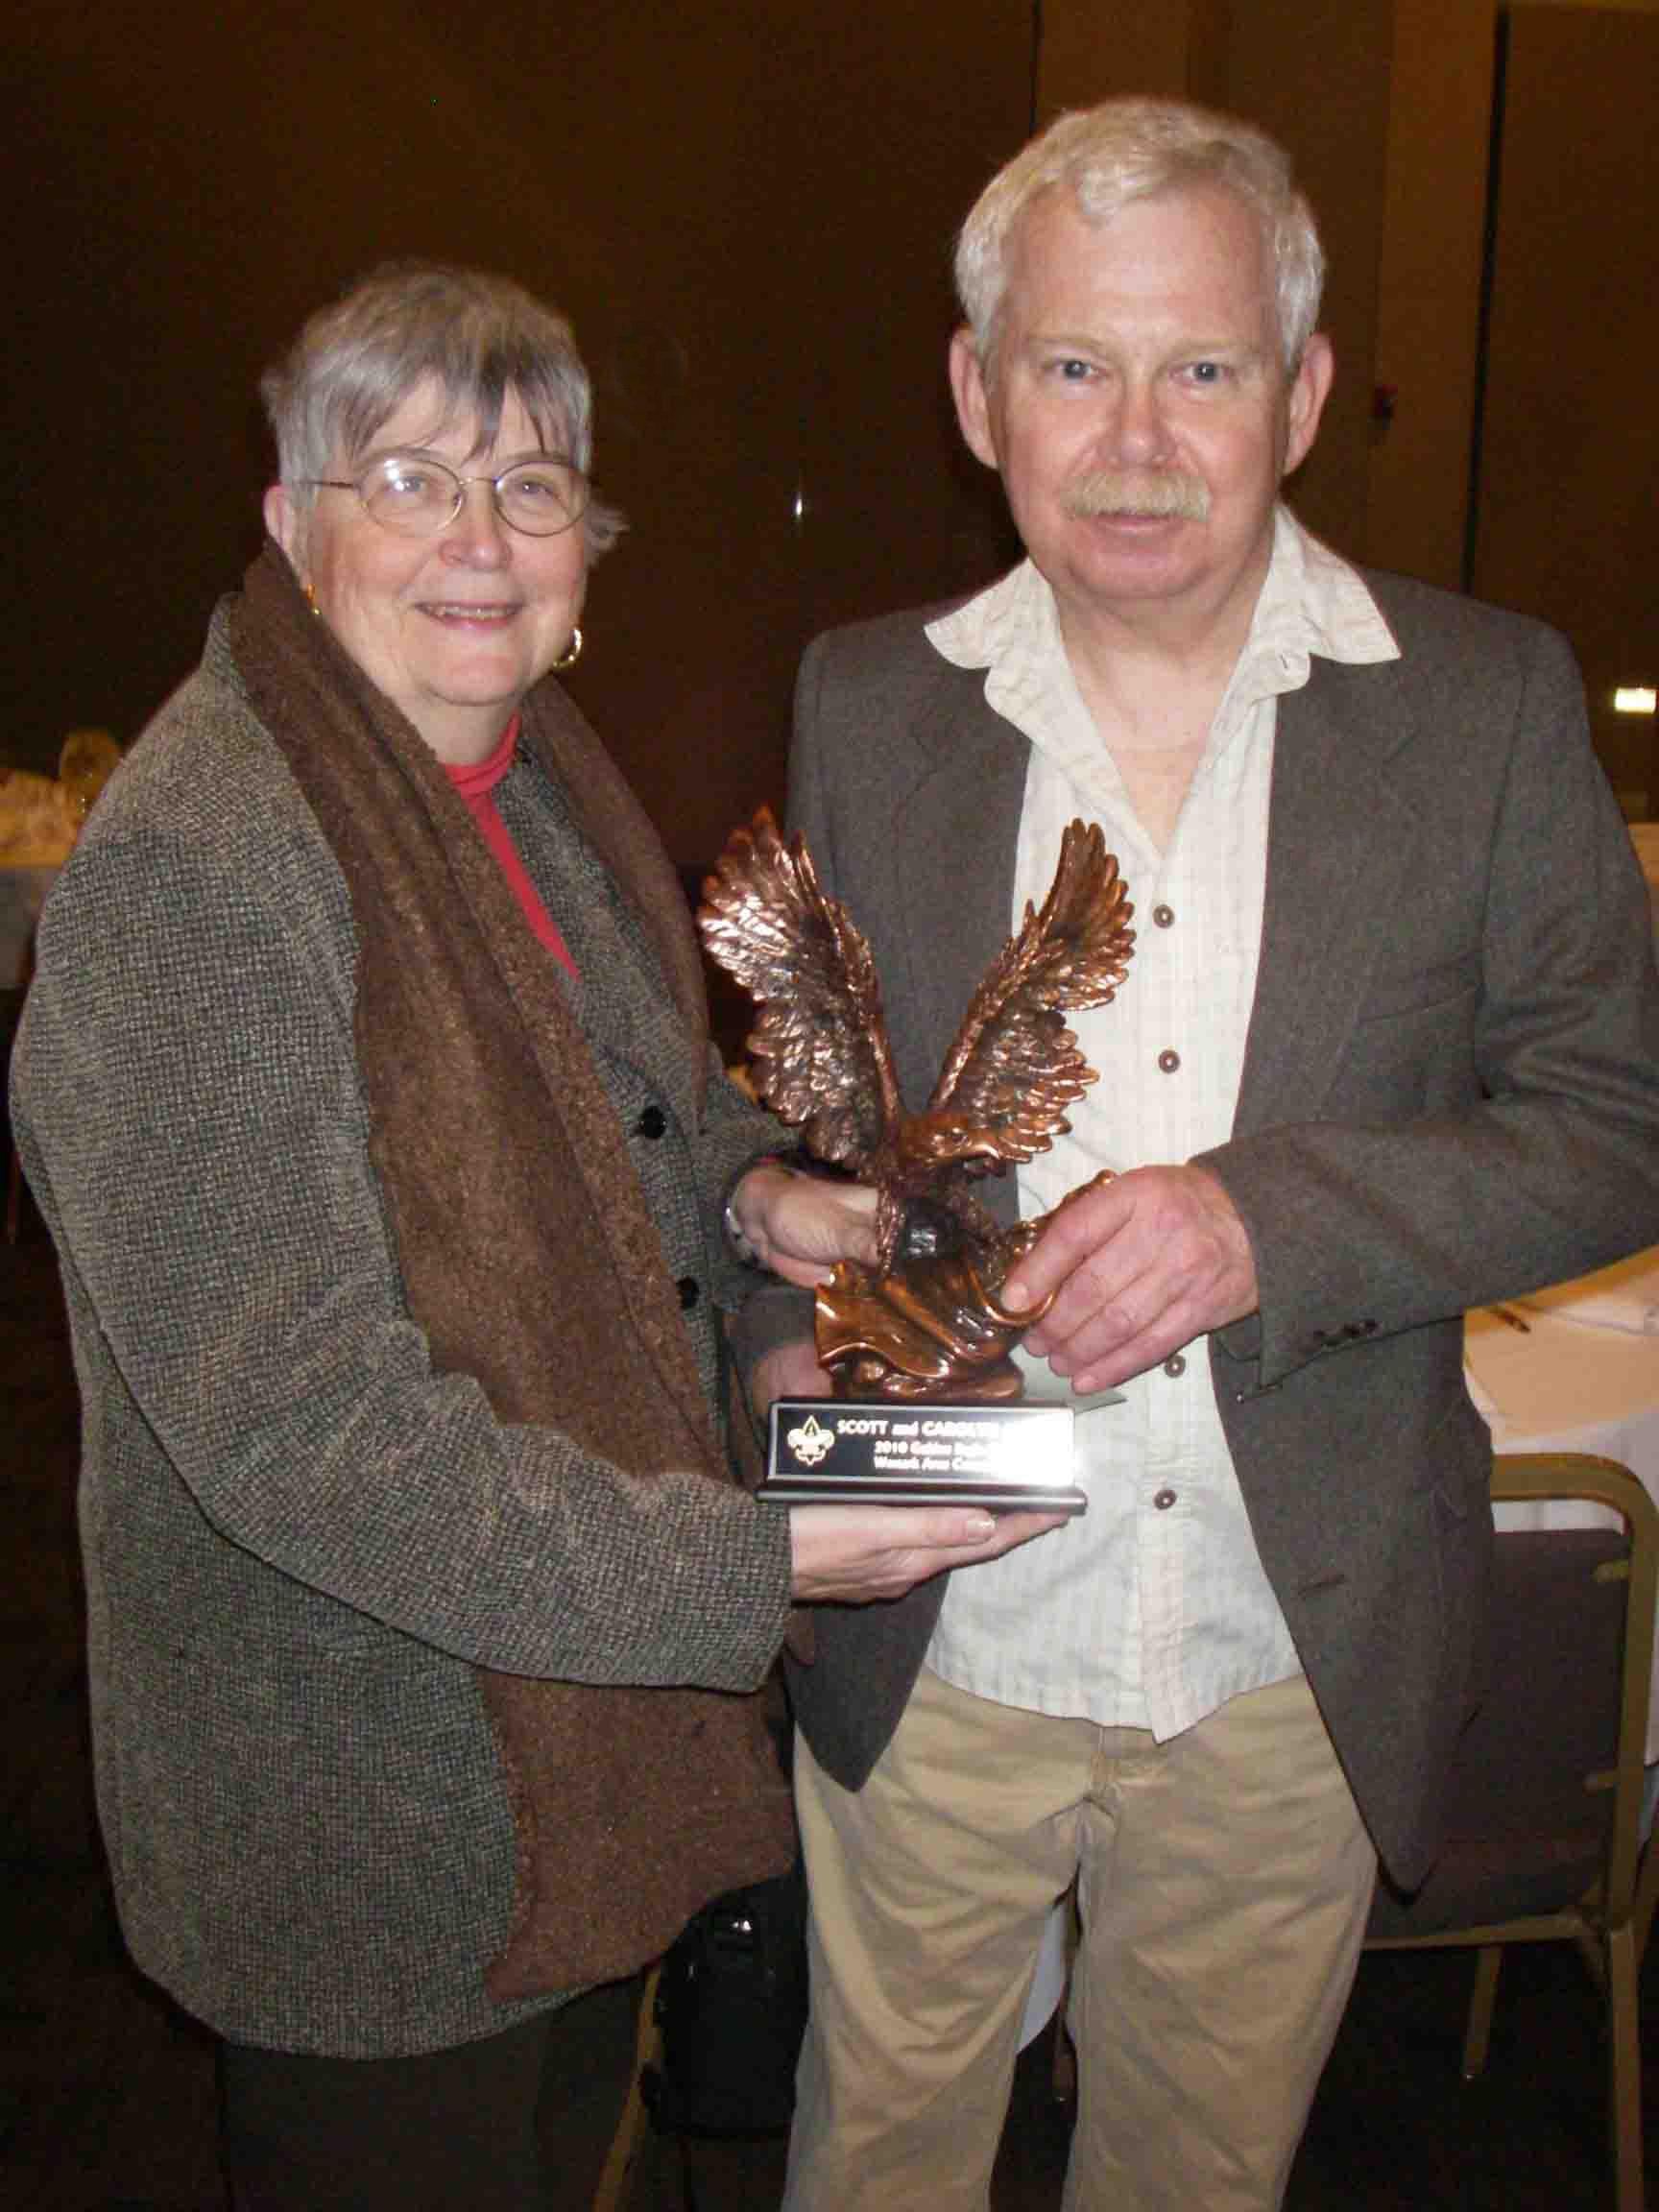 Scott Carolyn award